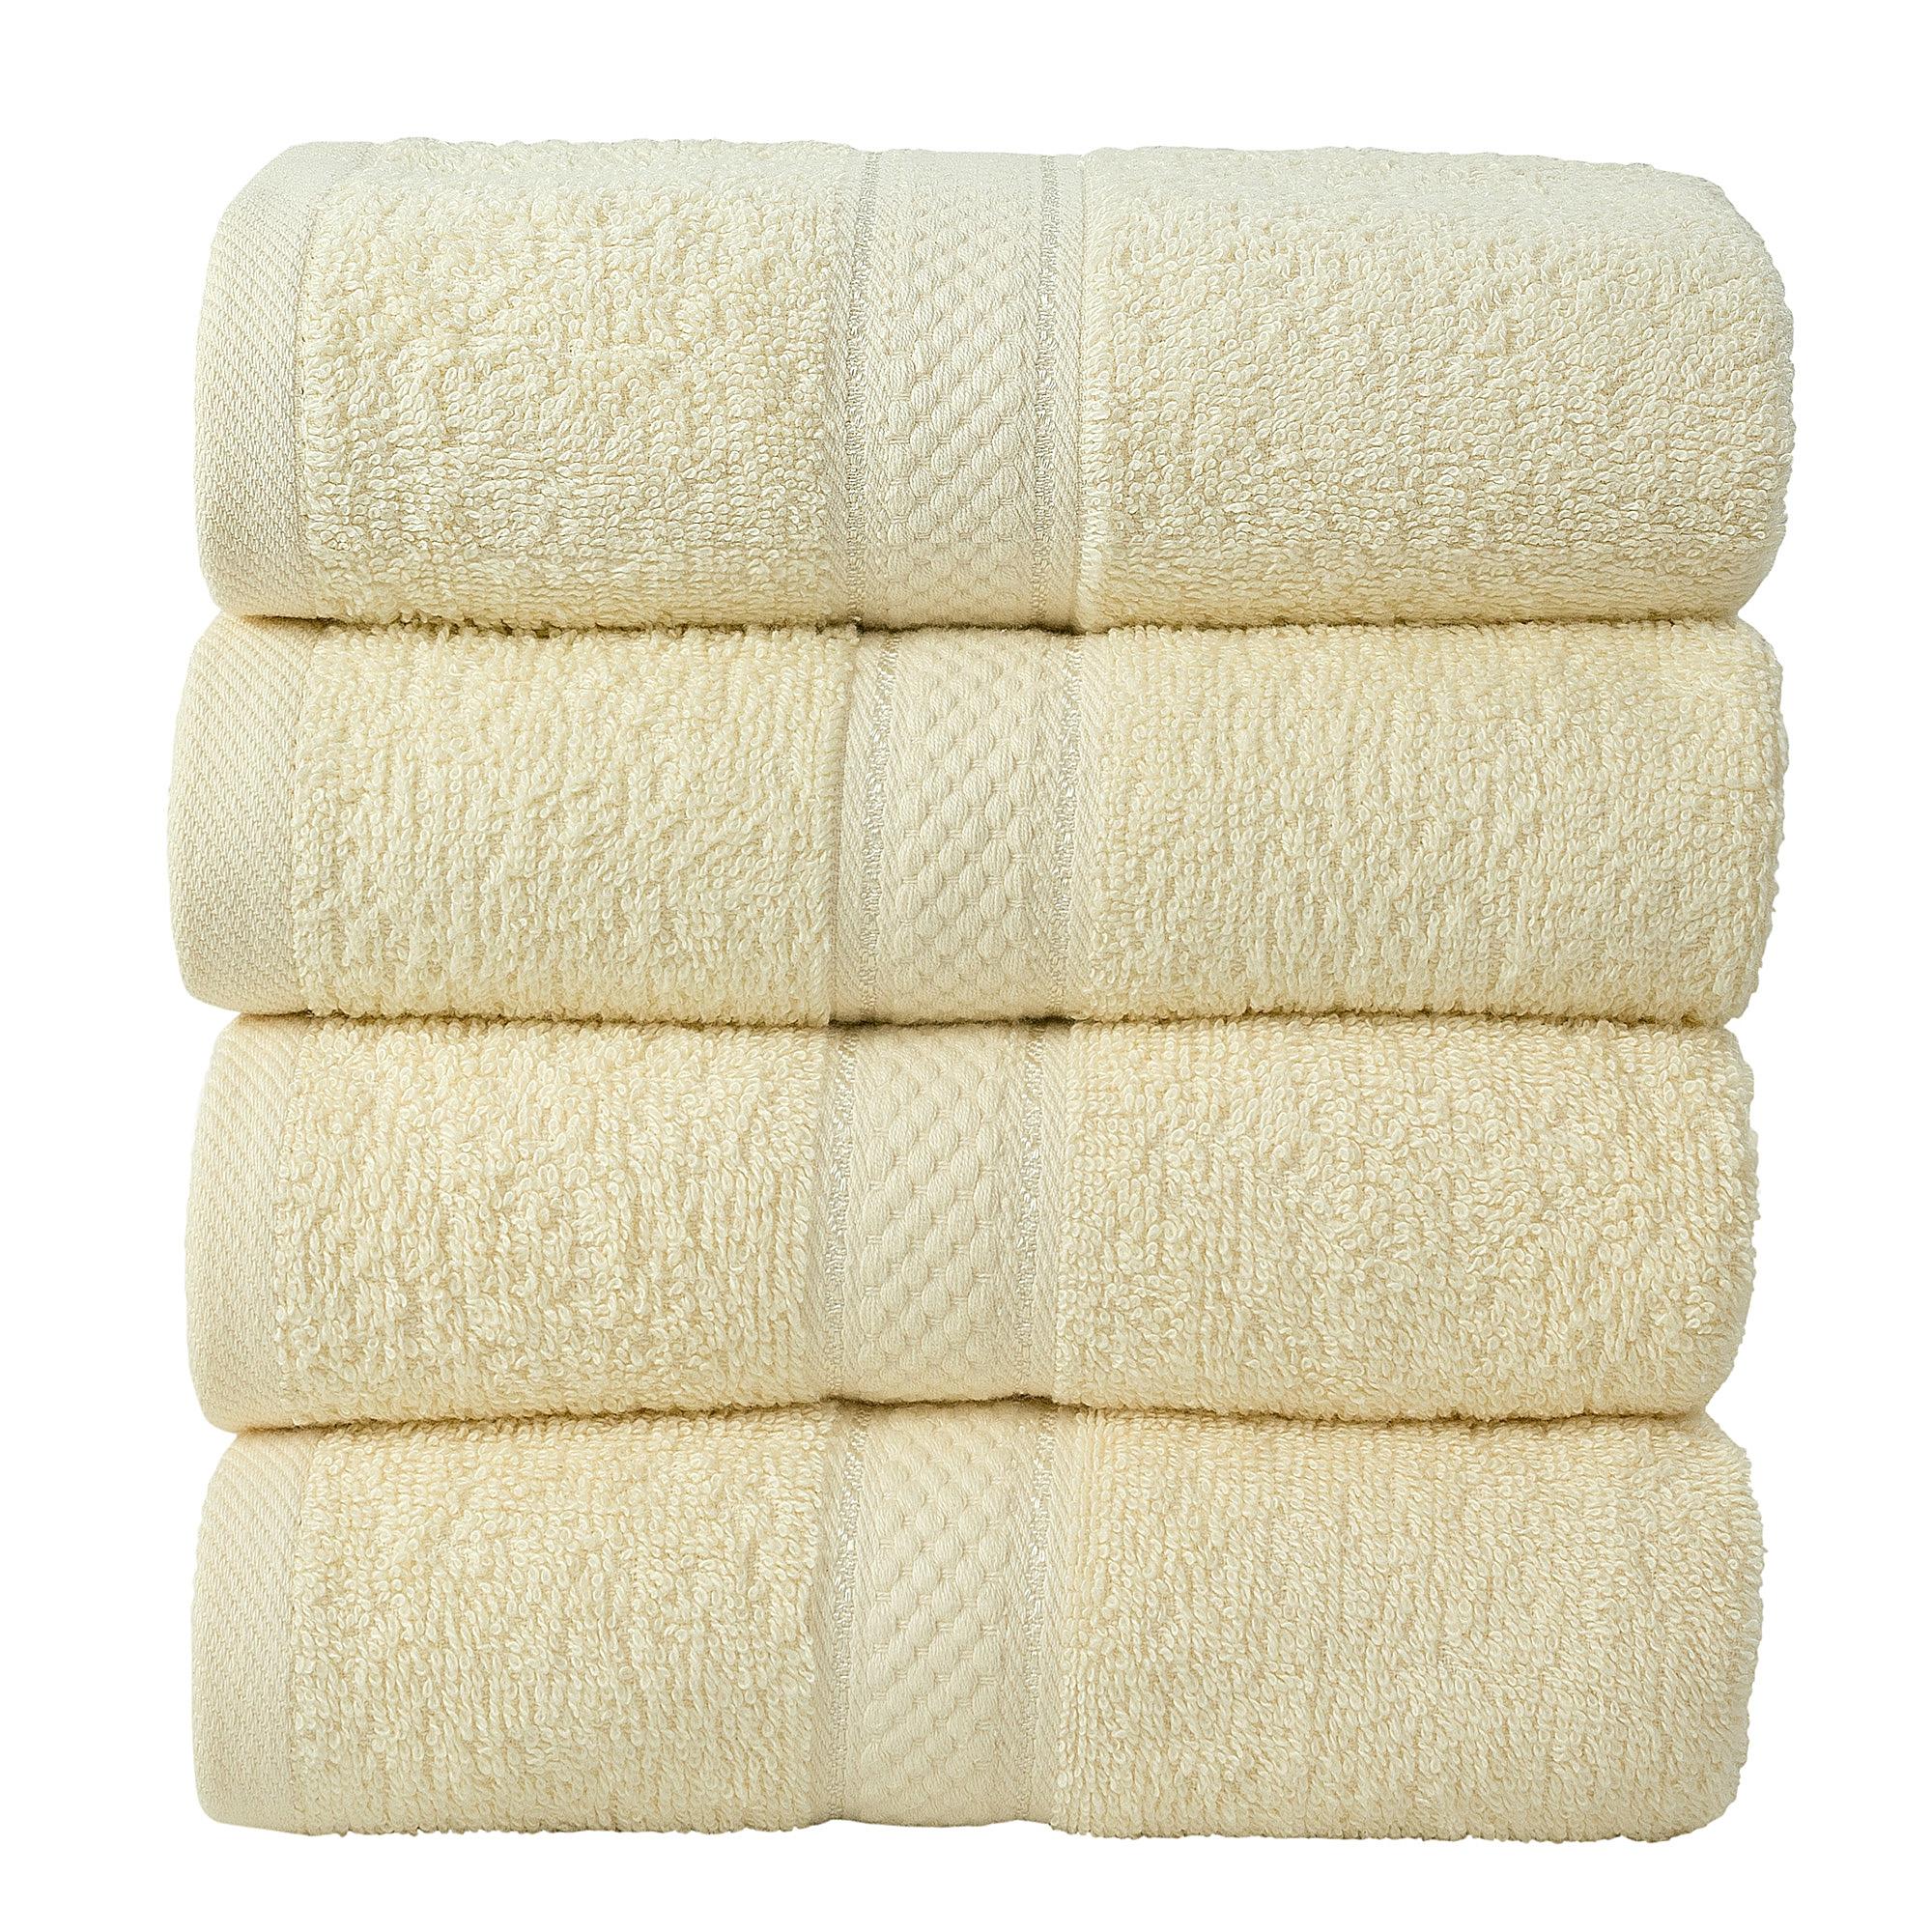 4 Pcs Hand Cotton Towel Bale Set Cream Plain